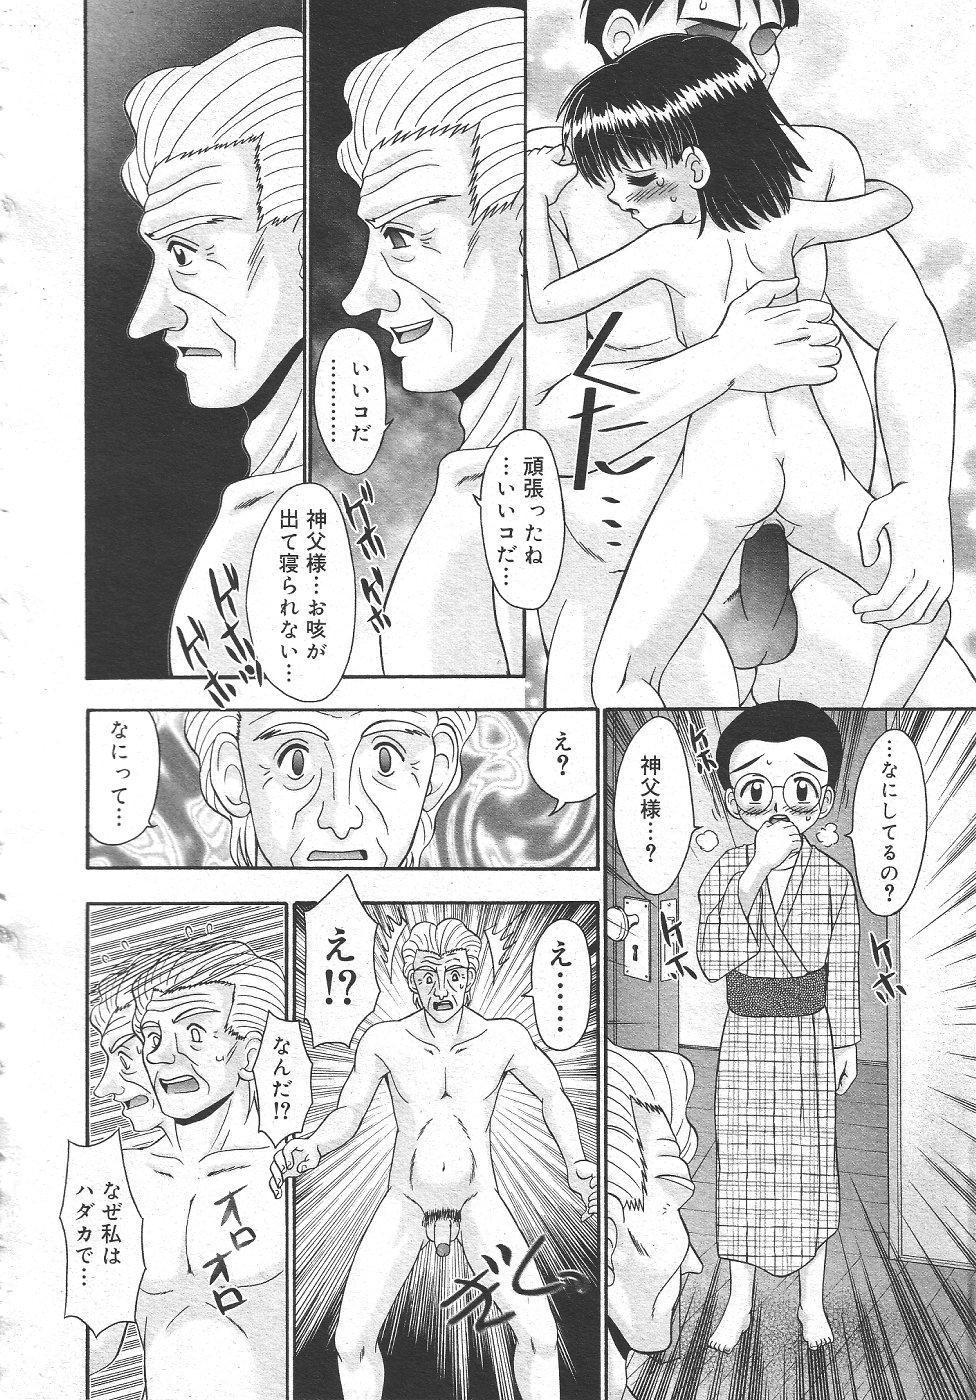 Gekkan Comic Muga 2004-06 Vol.10 147